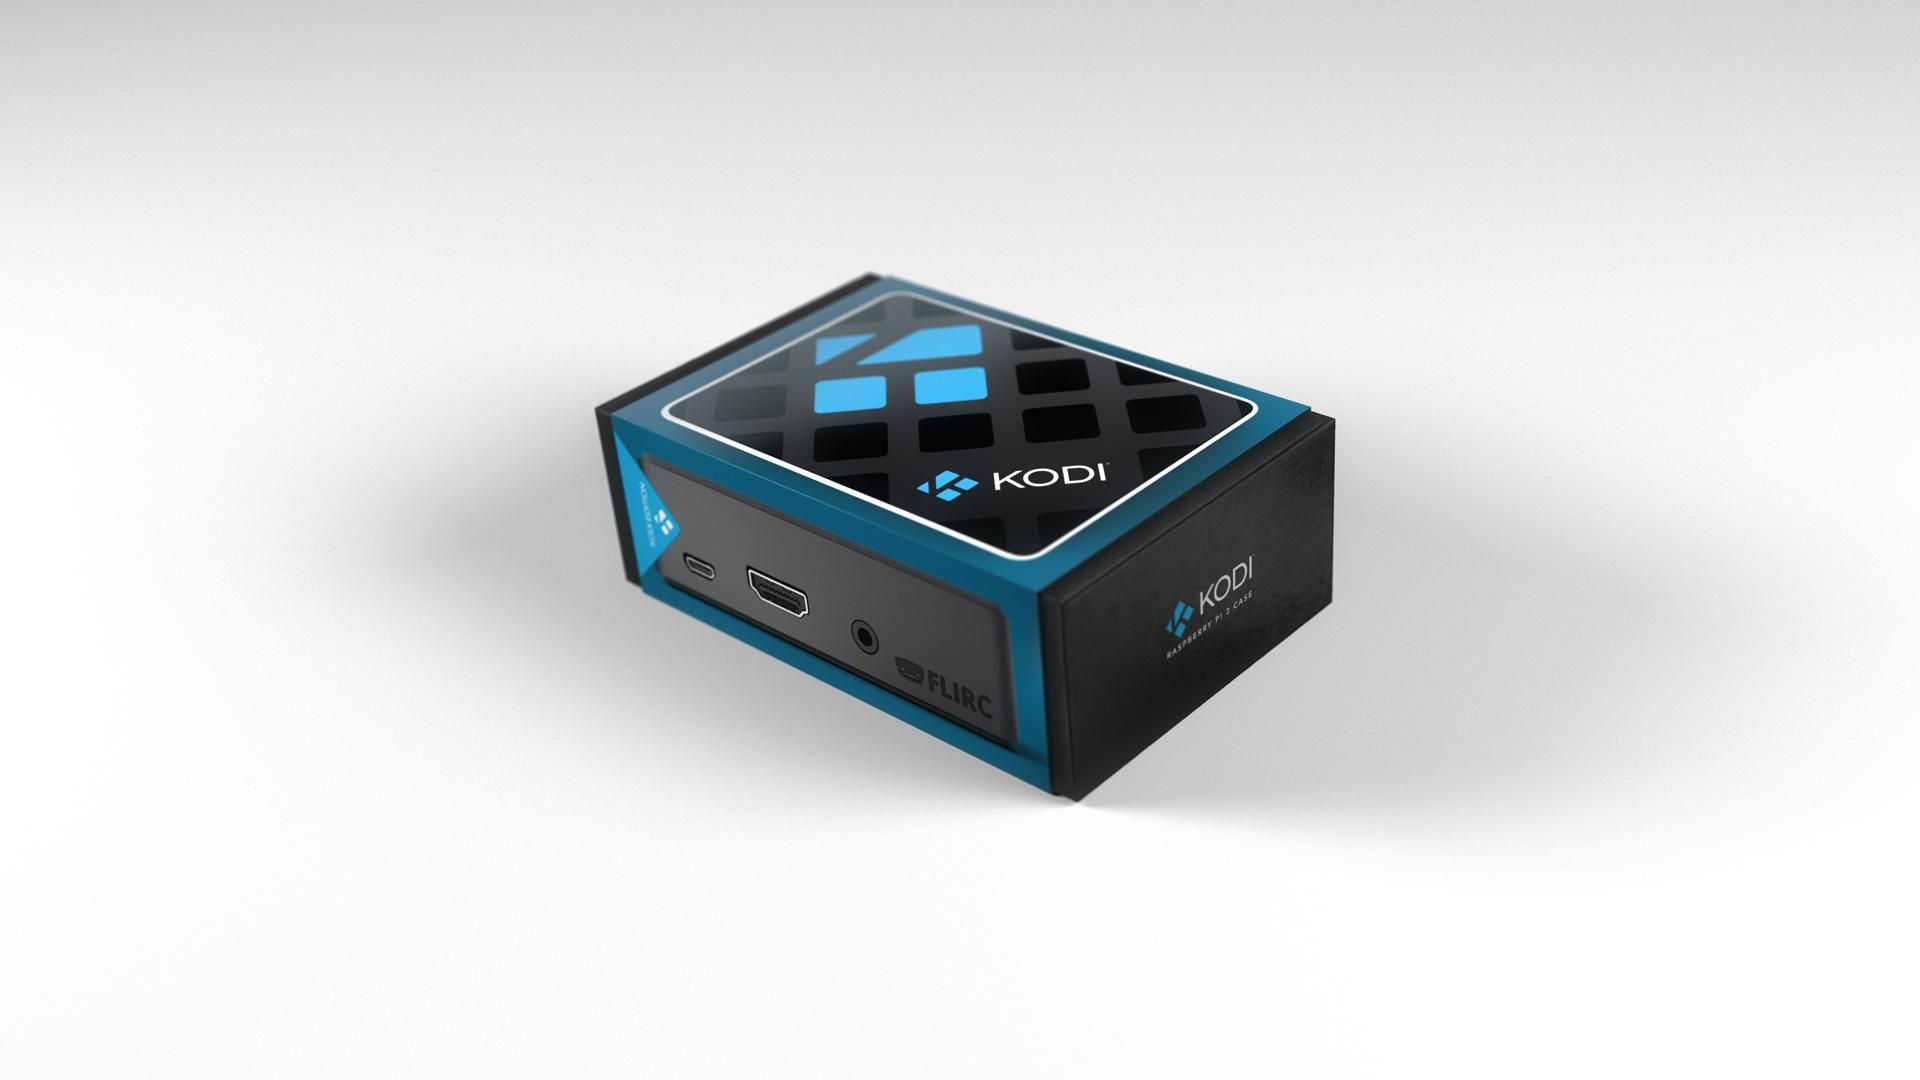 Kodi-Rasp-Pi-Case-1-1080p.jpg